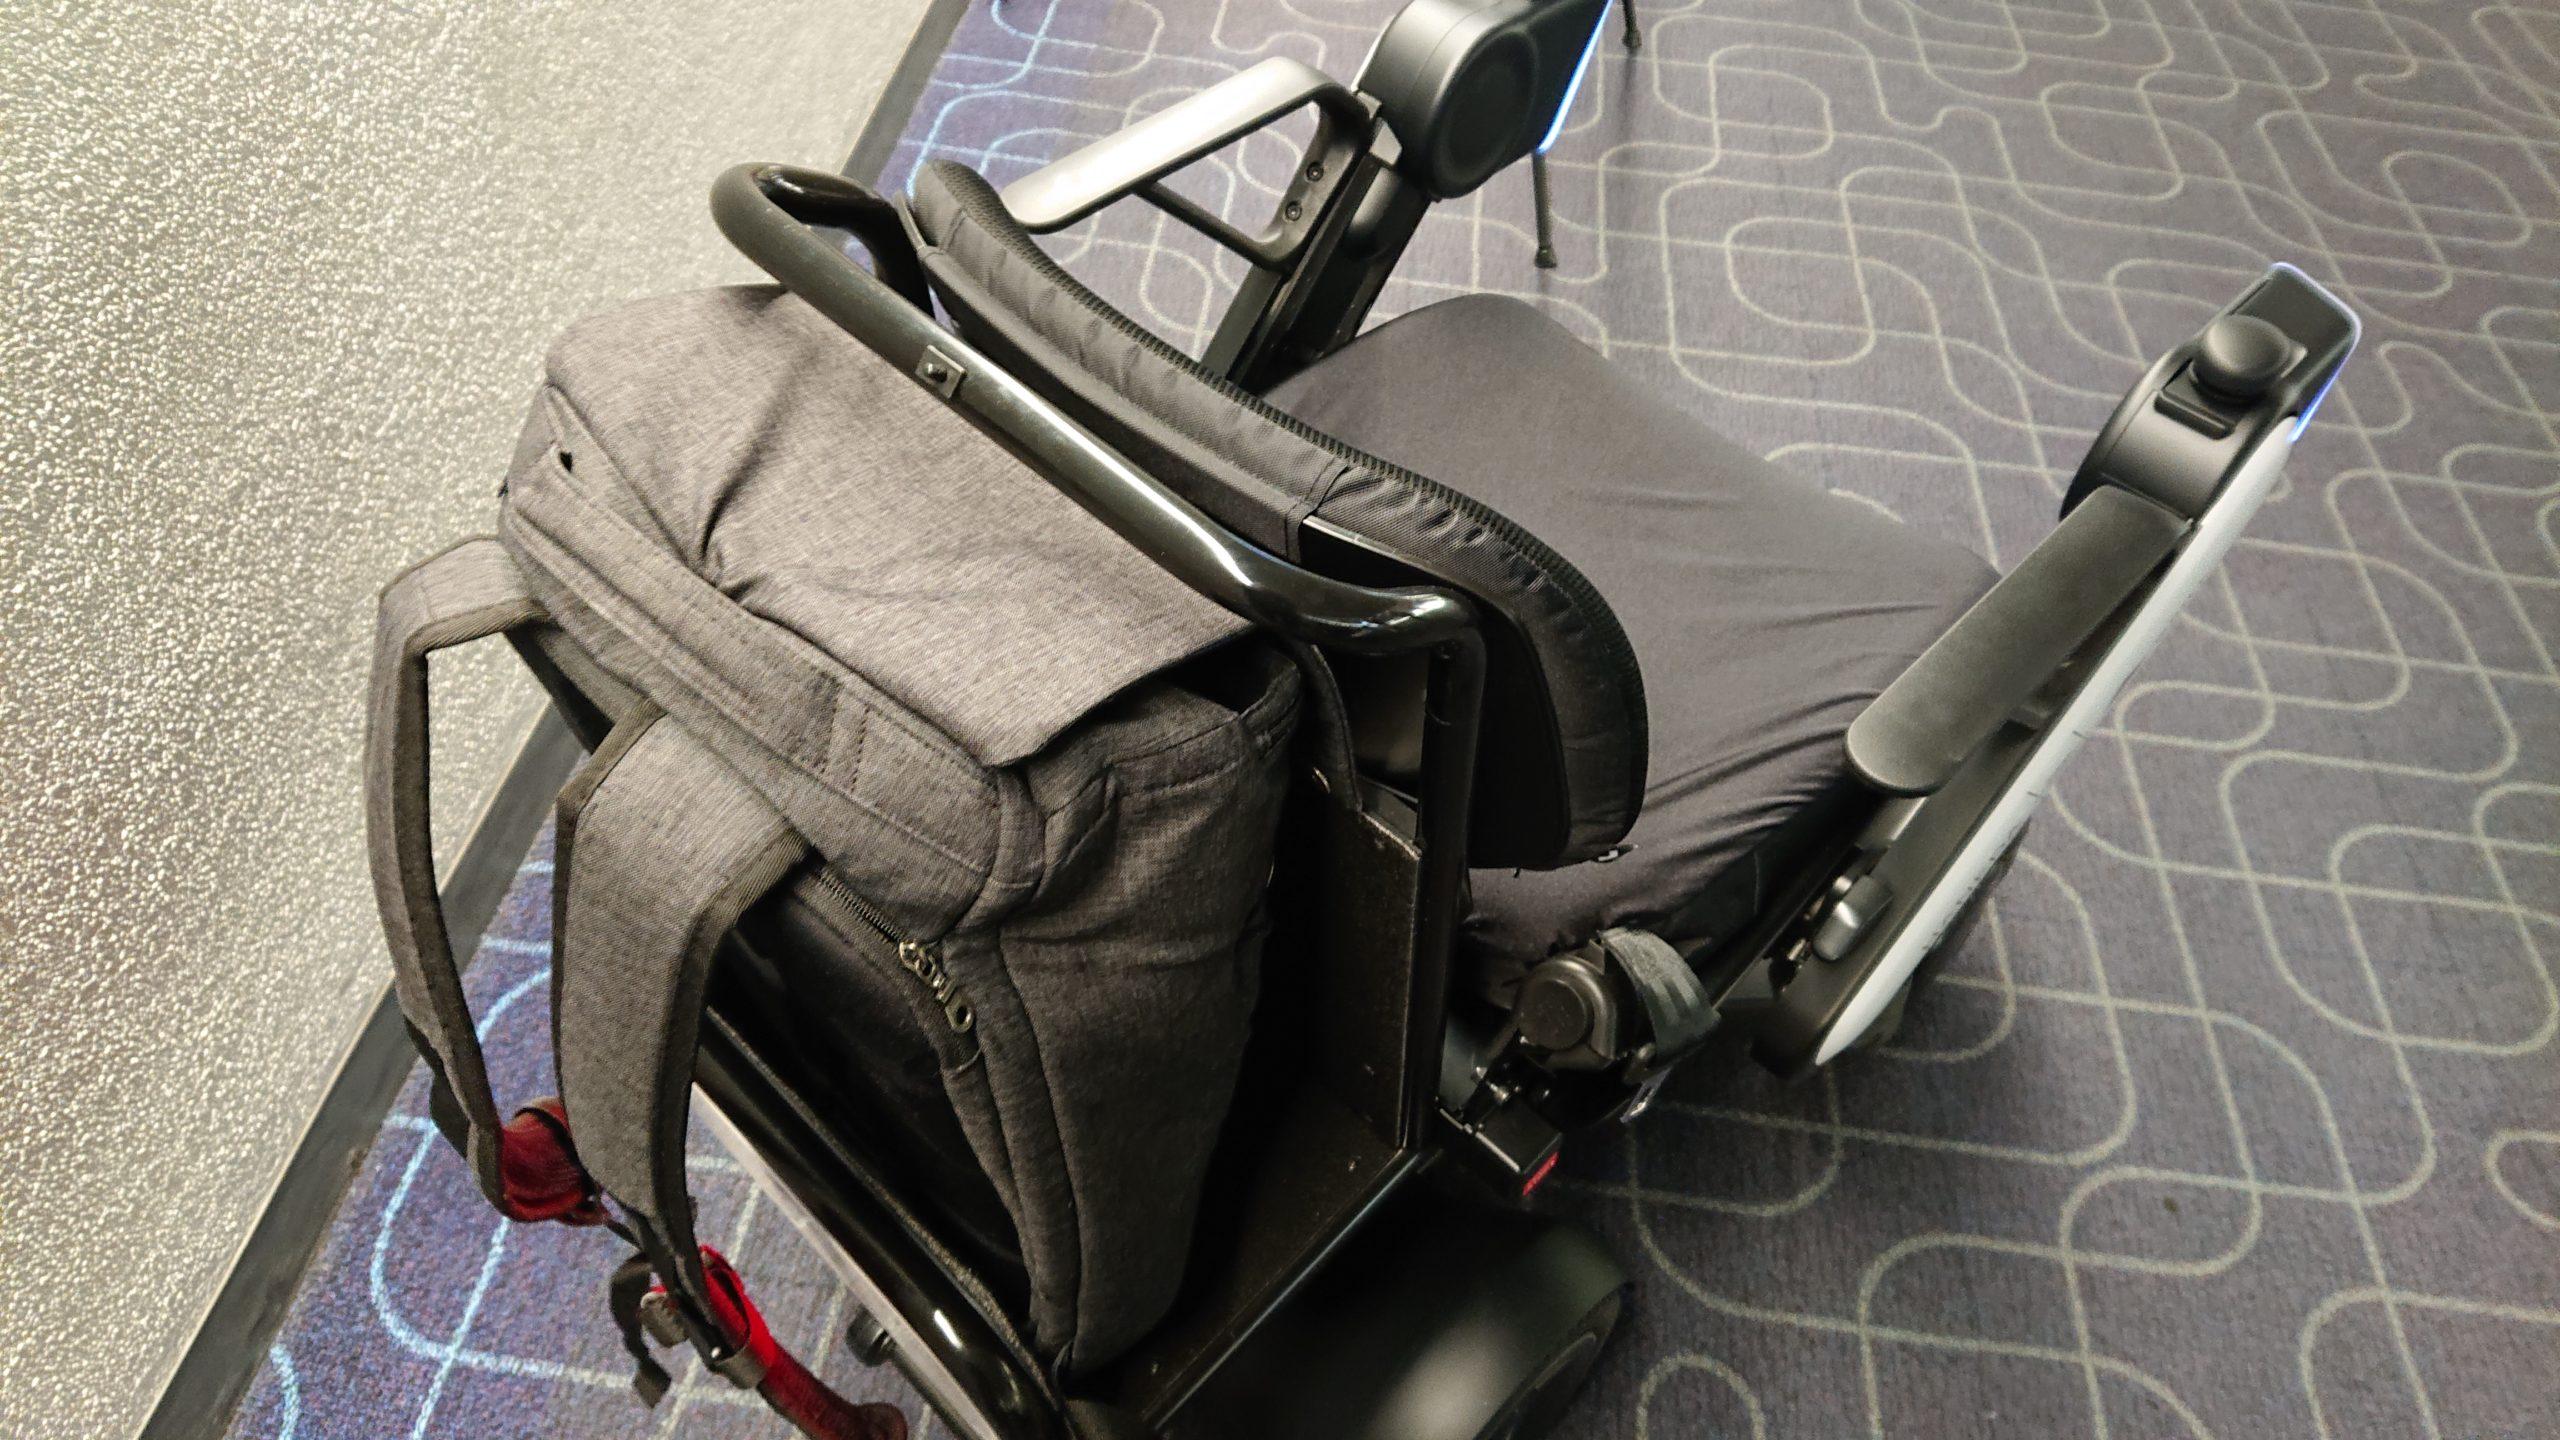 羽田空港第1ターミナル内の自動運転パーソナルモビリティに荷物を載せたところ